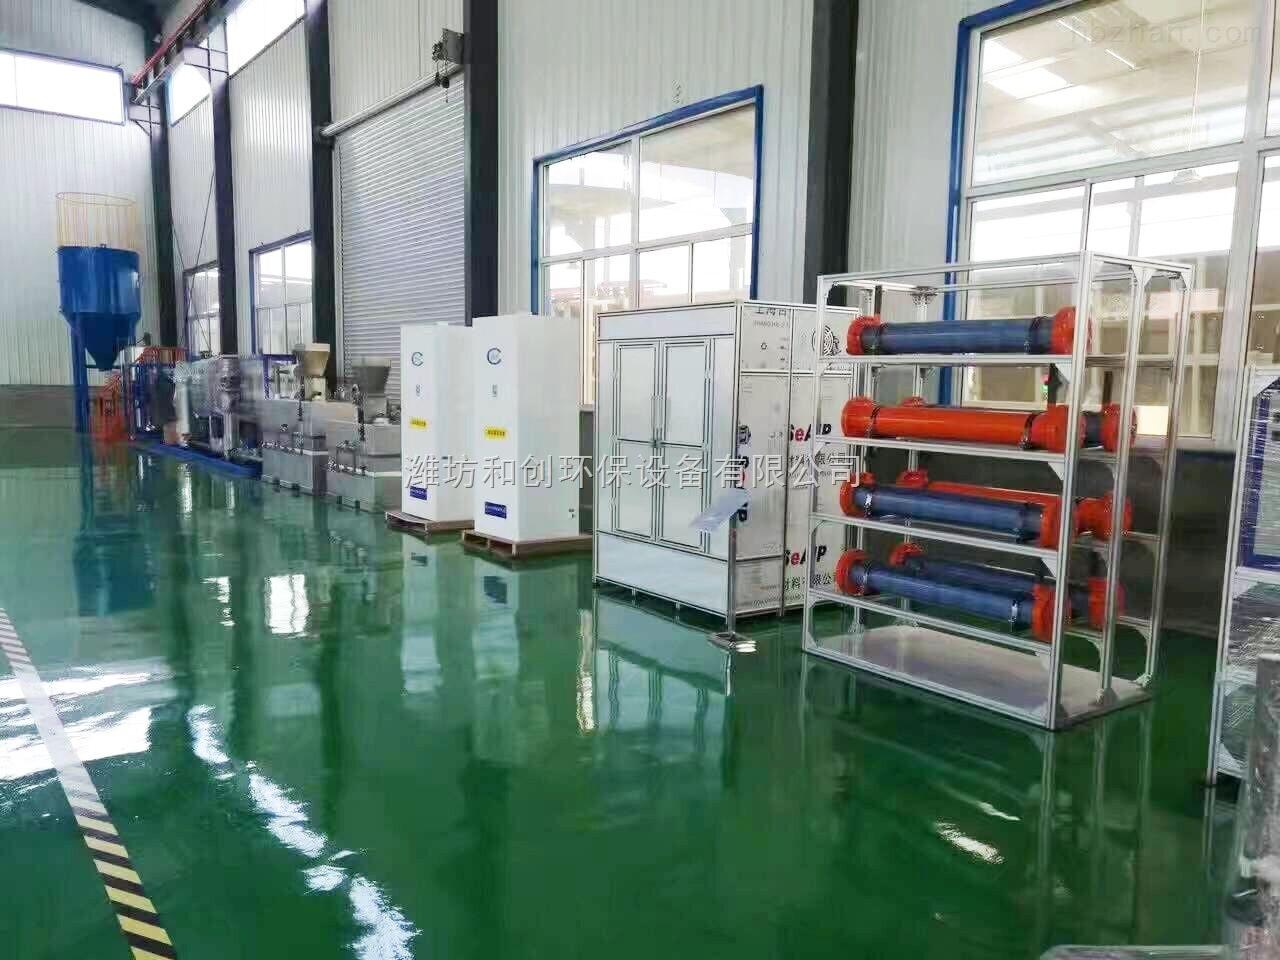 水厂脱硫除藻高锰酸钾加药设备厂家